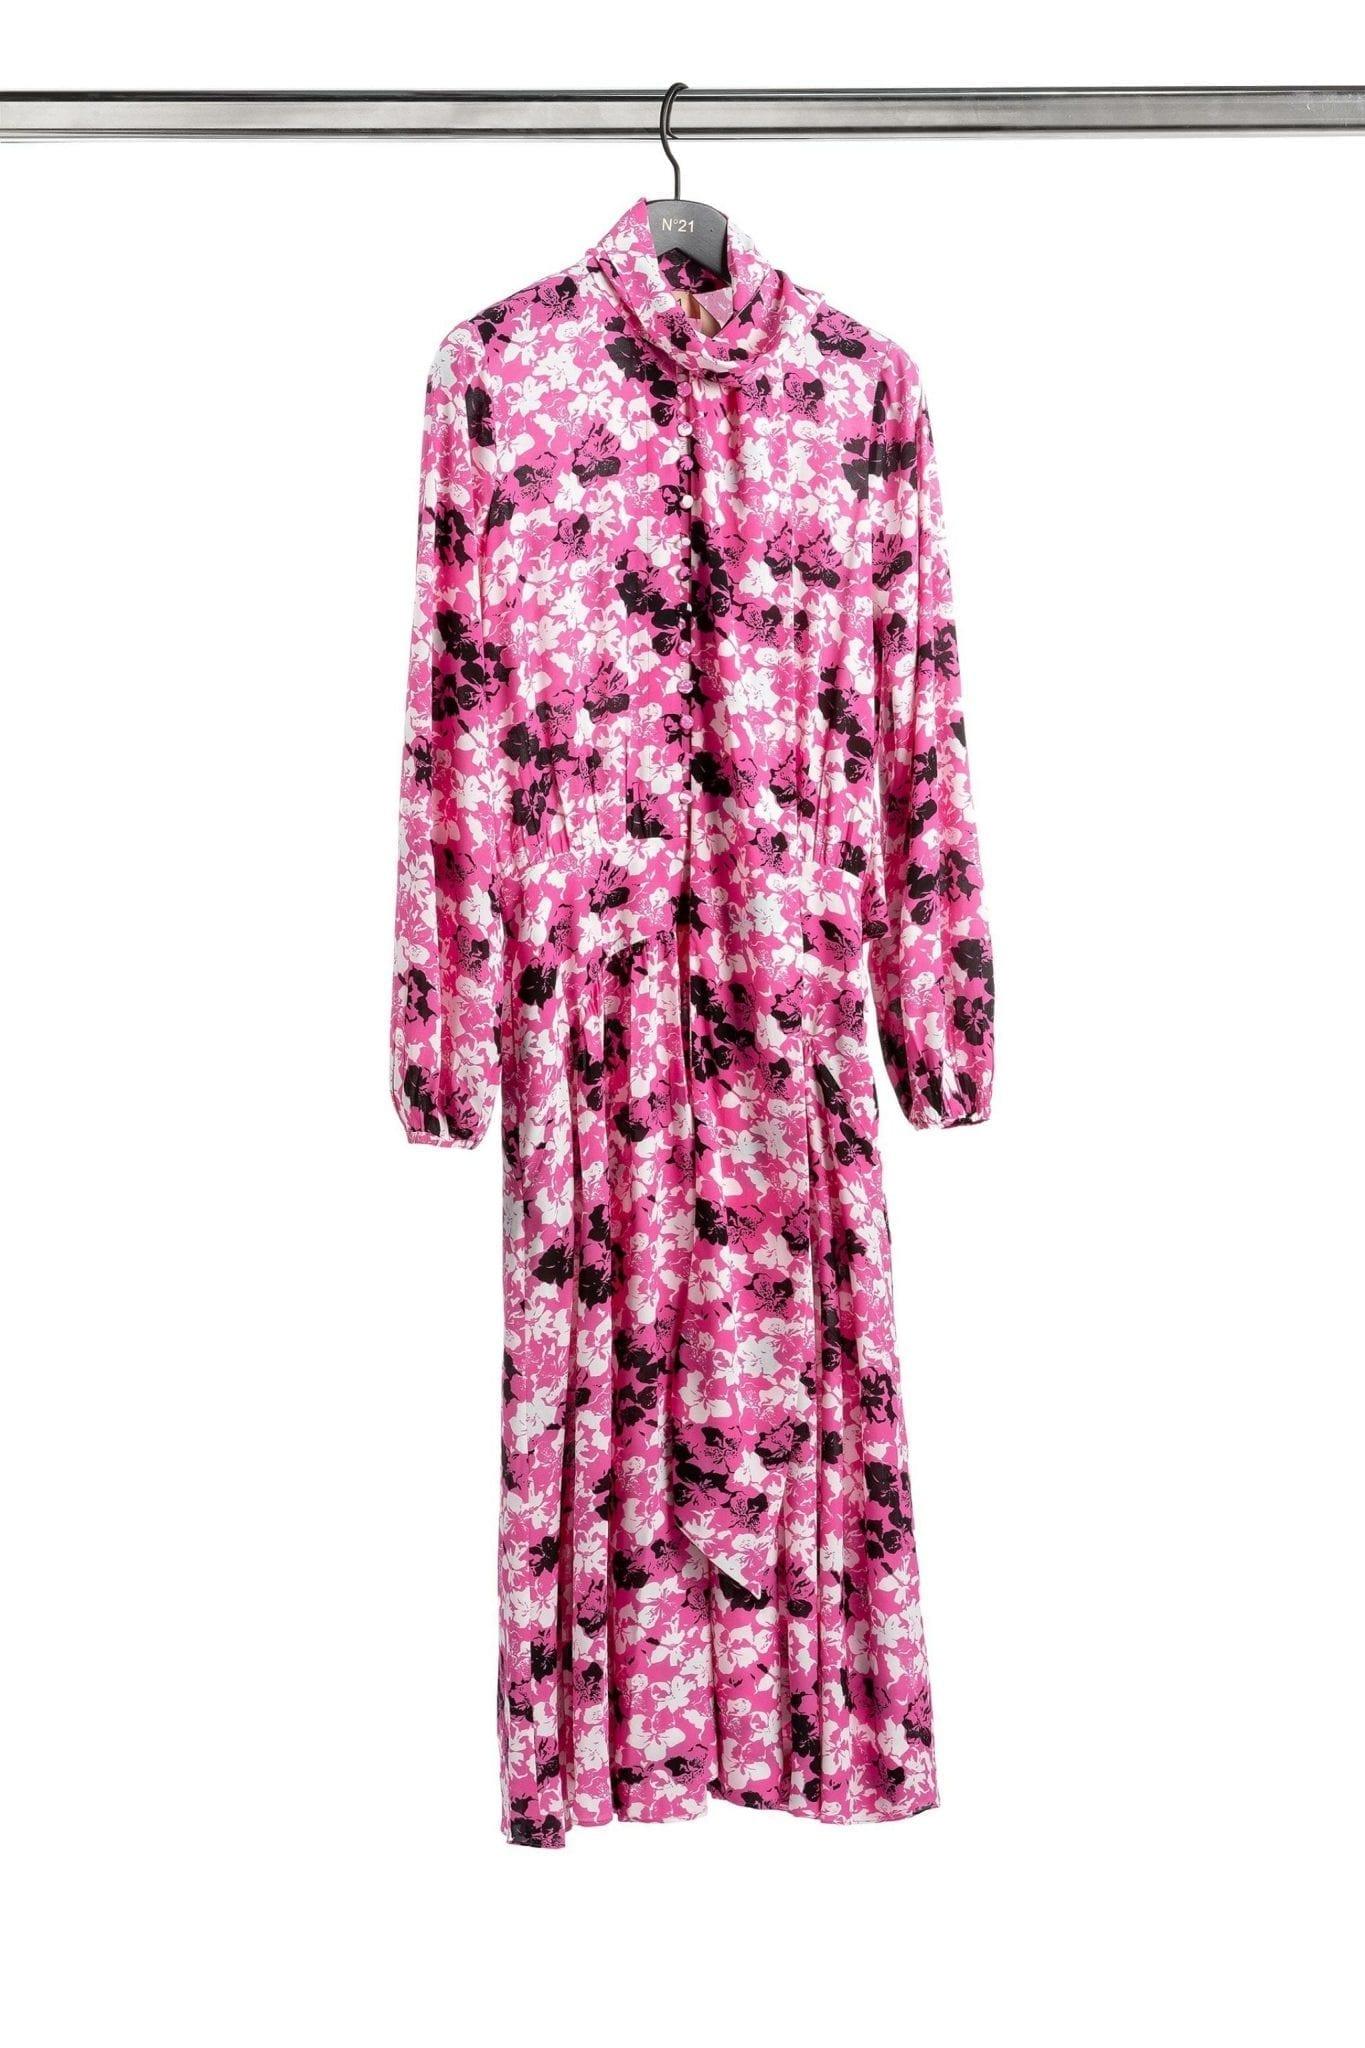 N20 Floral Scarf Detail Dress